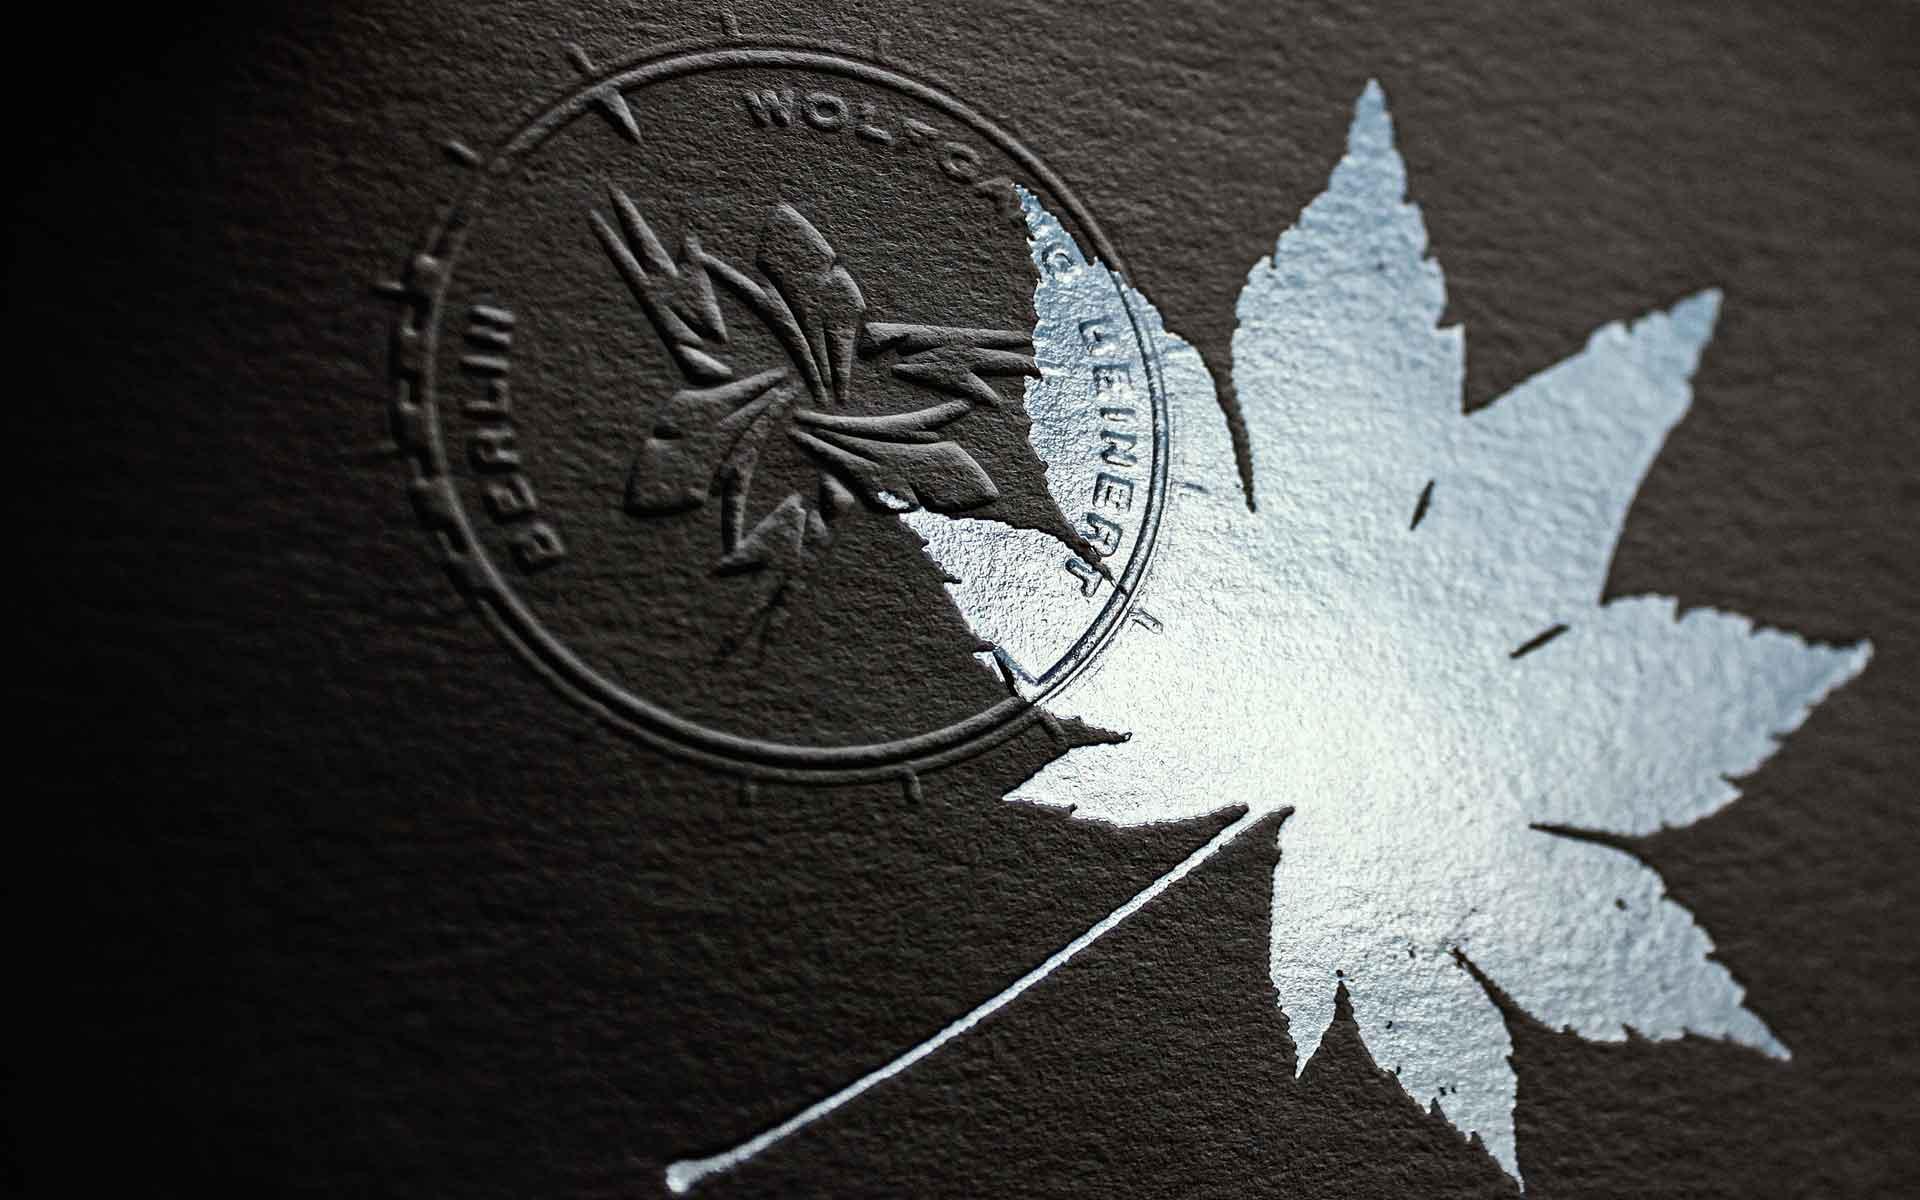 Druckveredelung, Blindprägung eines Logos auf texturierten Naturpapier mit Heißfolienprägung.